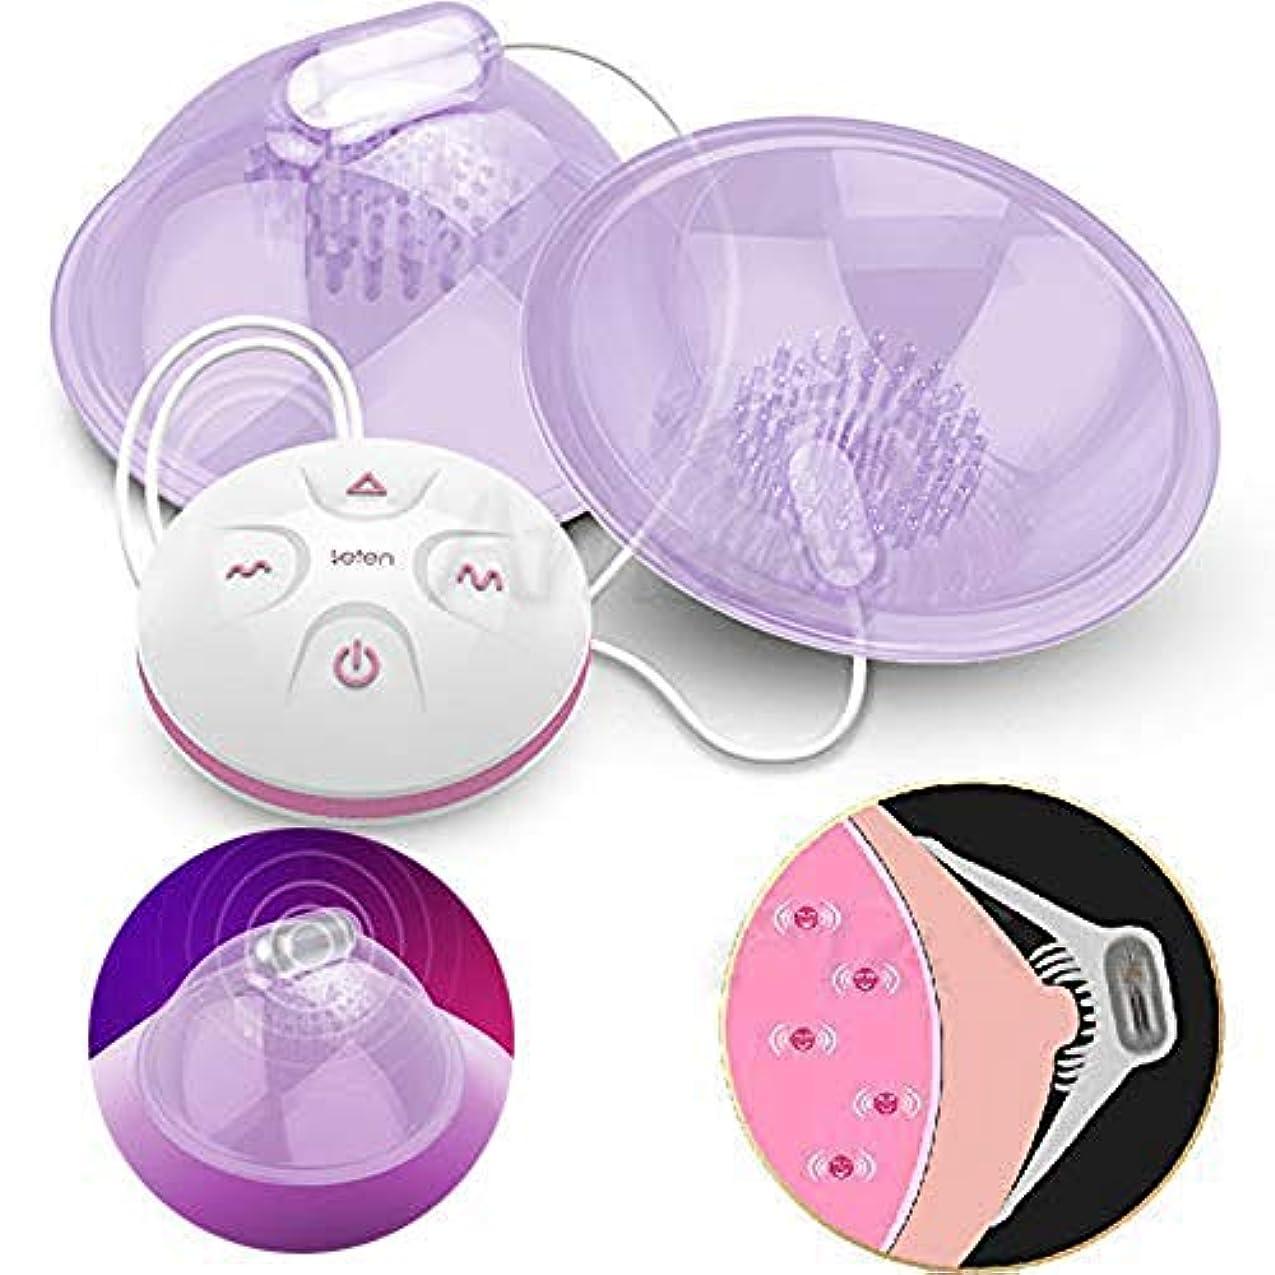 受信機精査菊充電式Ni-ppleマッサージャー胸胸部刺激装置エンハンサー玩具女性、小売ボックス付き10スピードスピードモード電動ポンプ吸盤